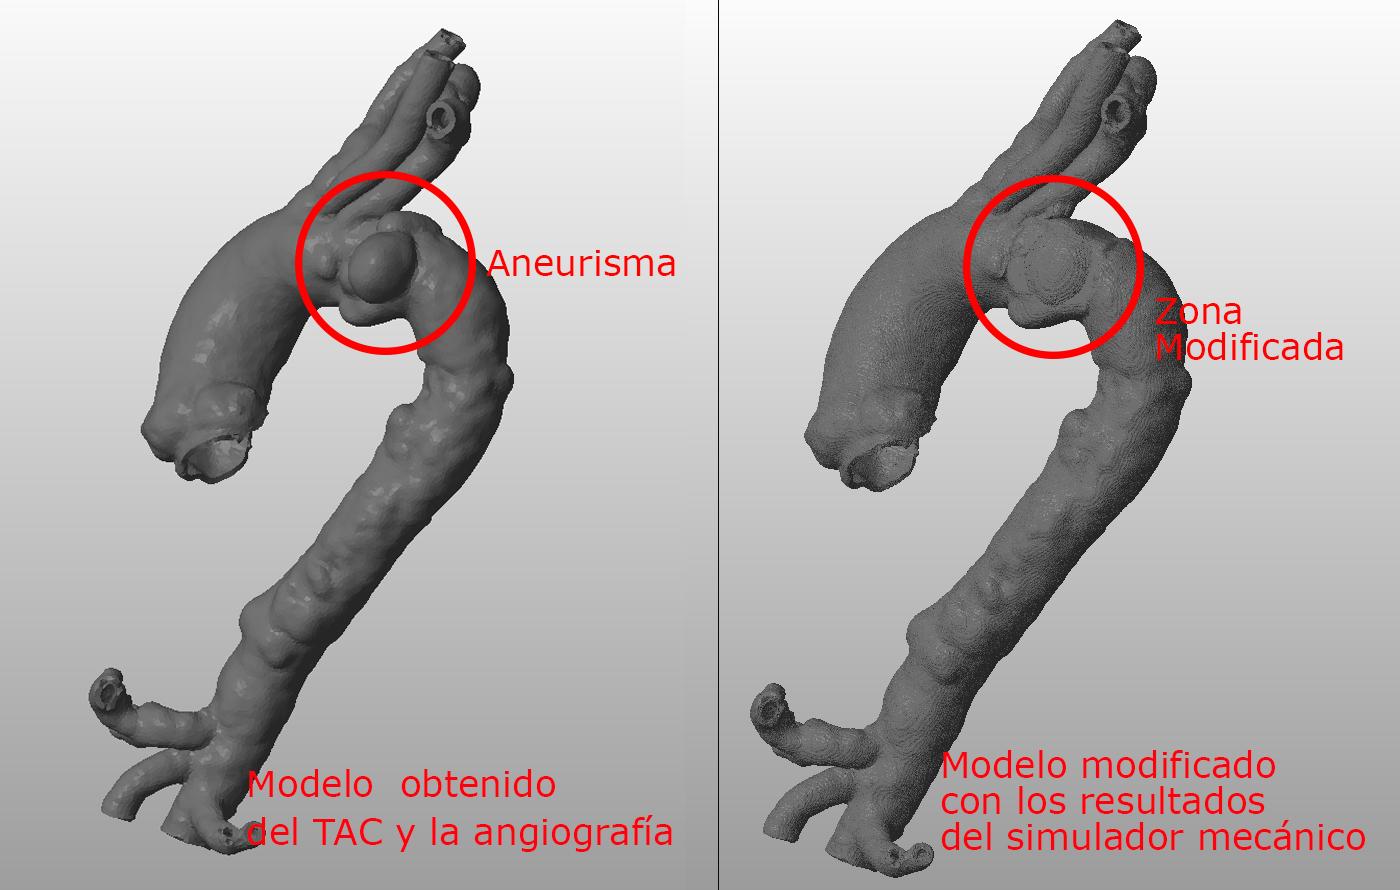 Ingeniería inversa de una aorta